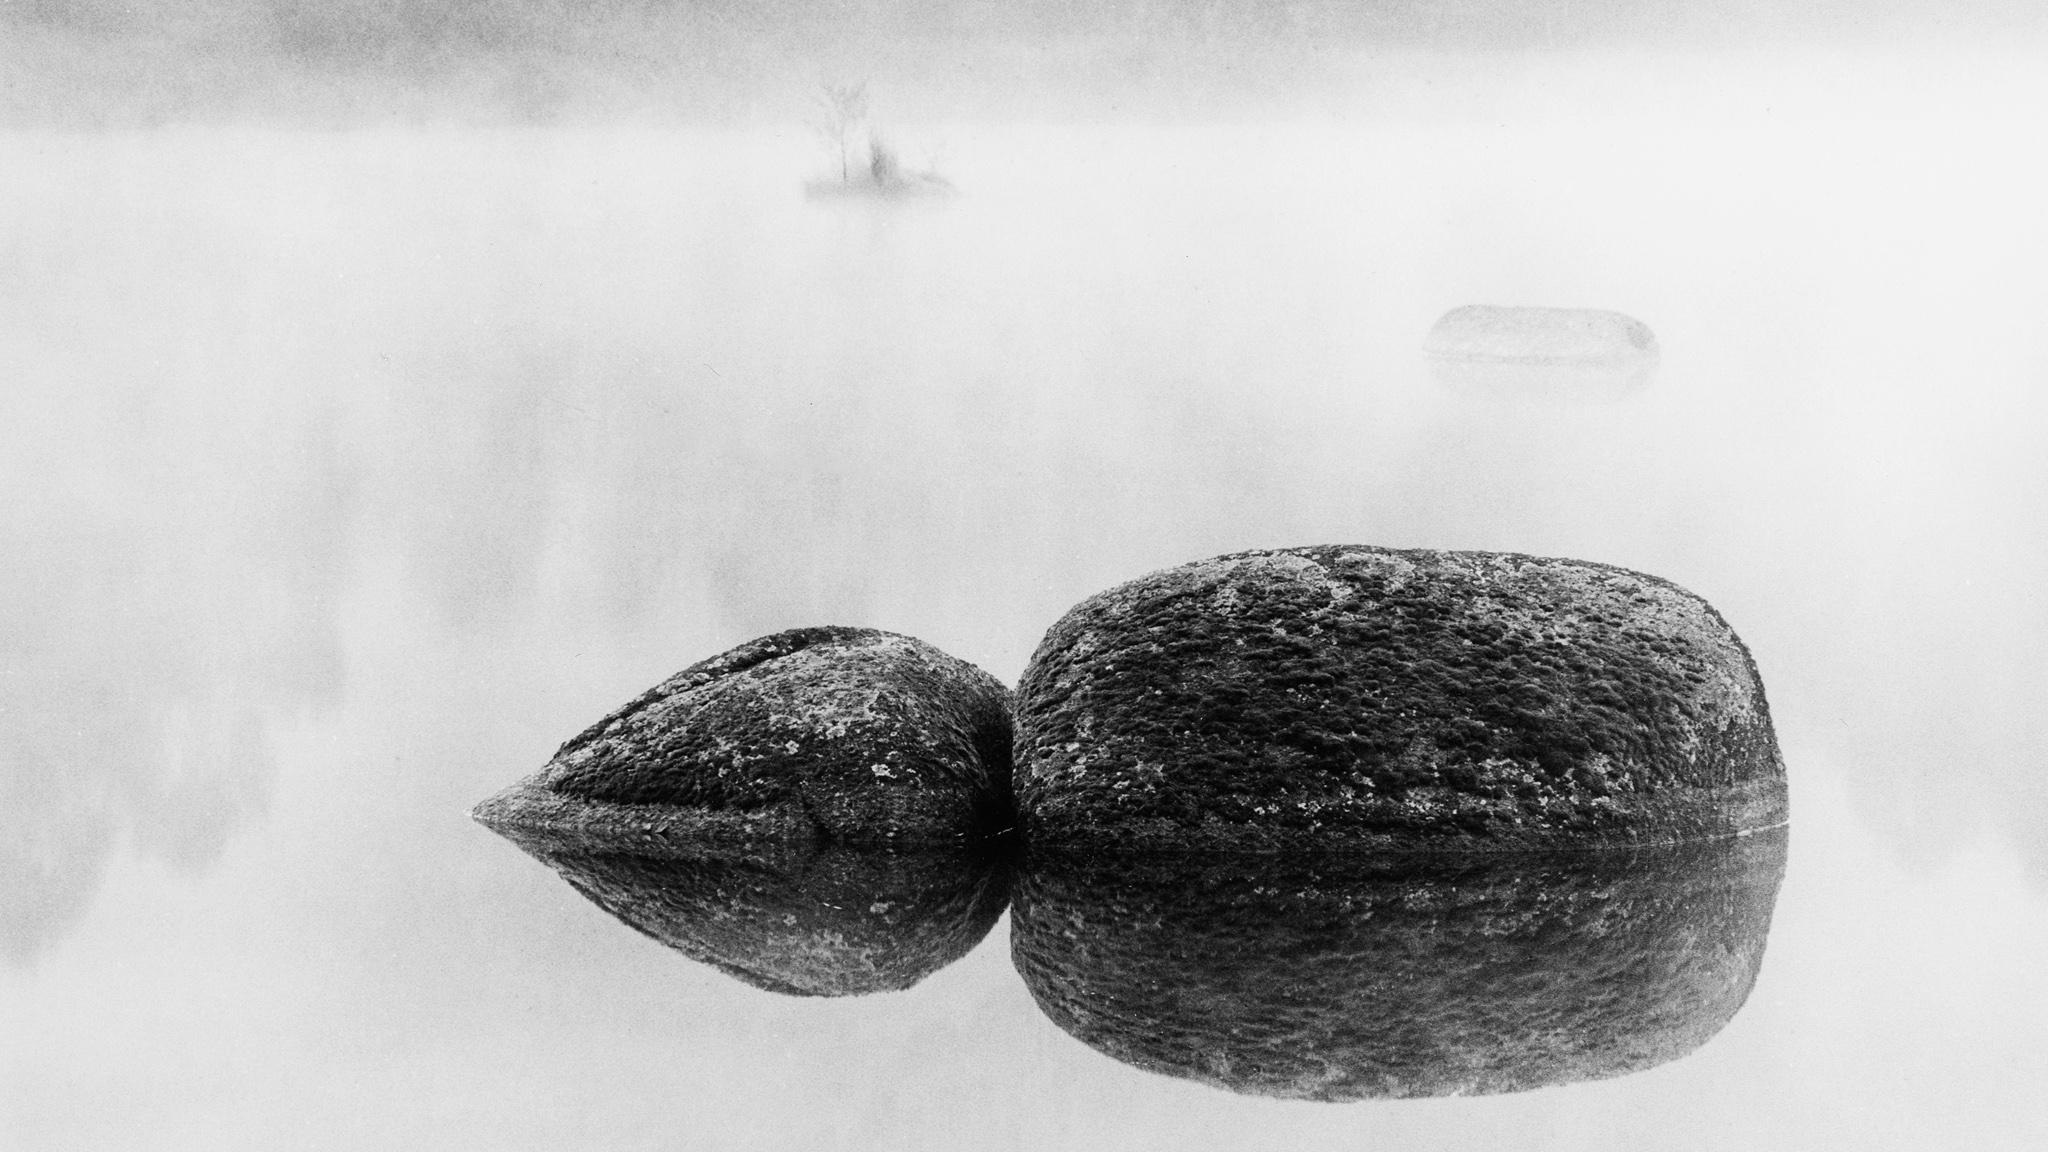 Tiché krajiny. Výstava fotografií Jiřího Bartoše